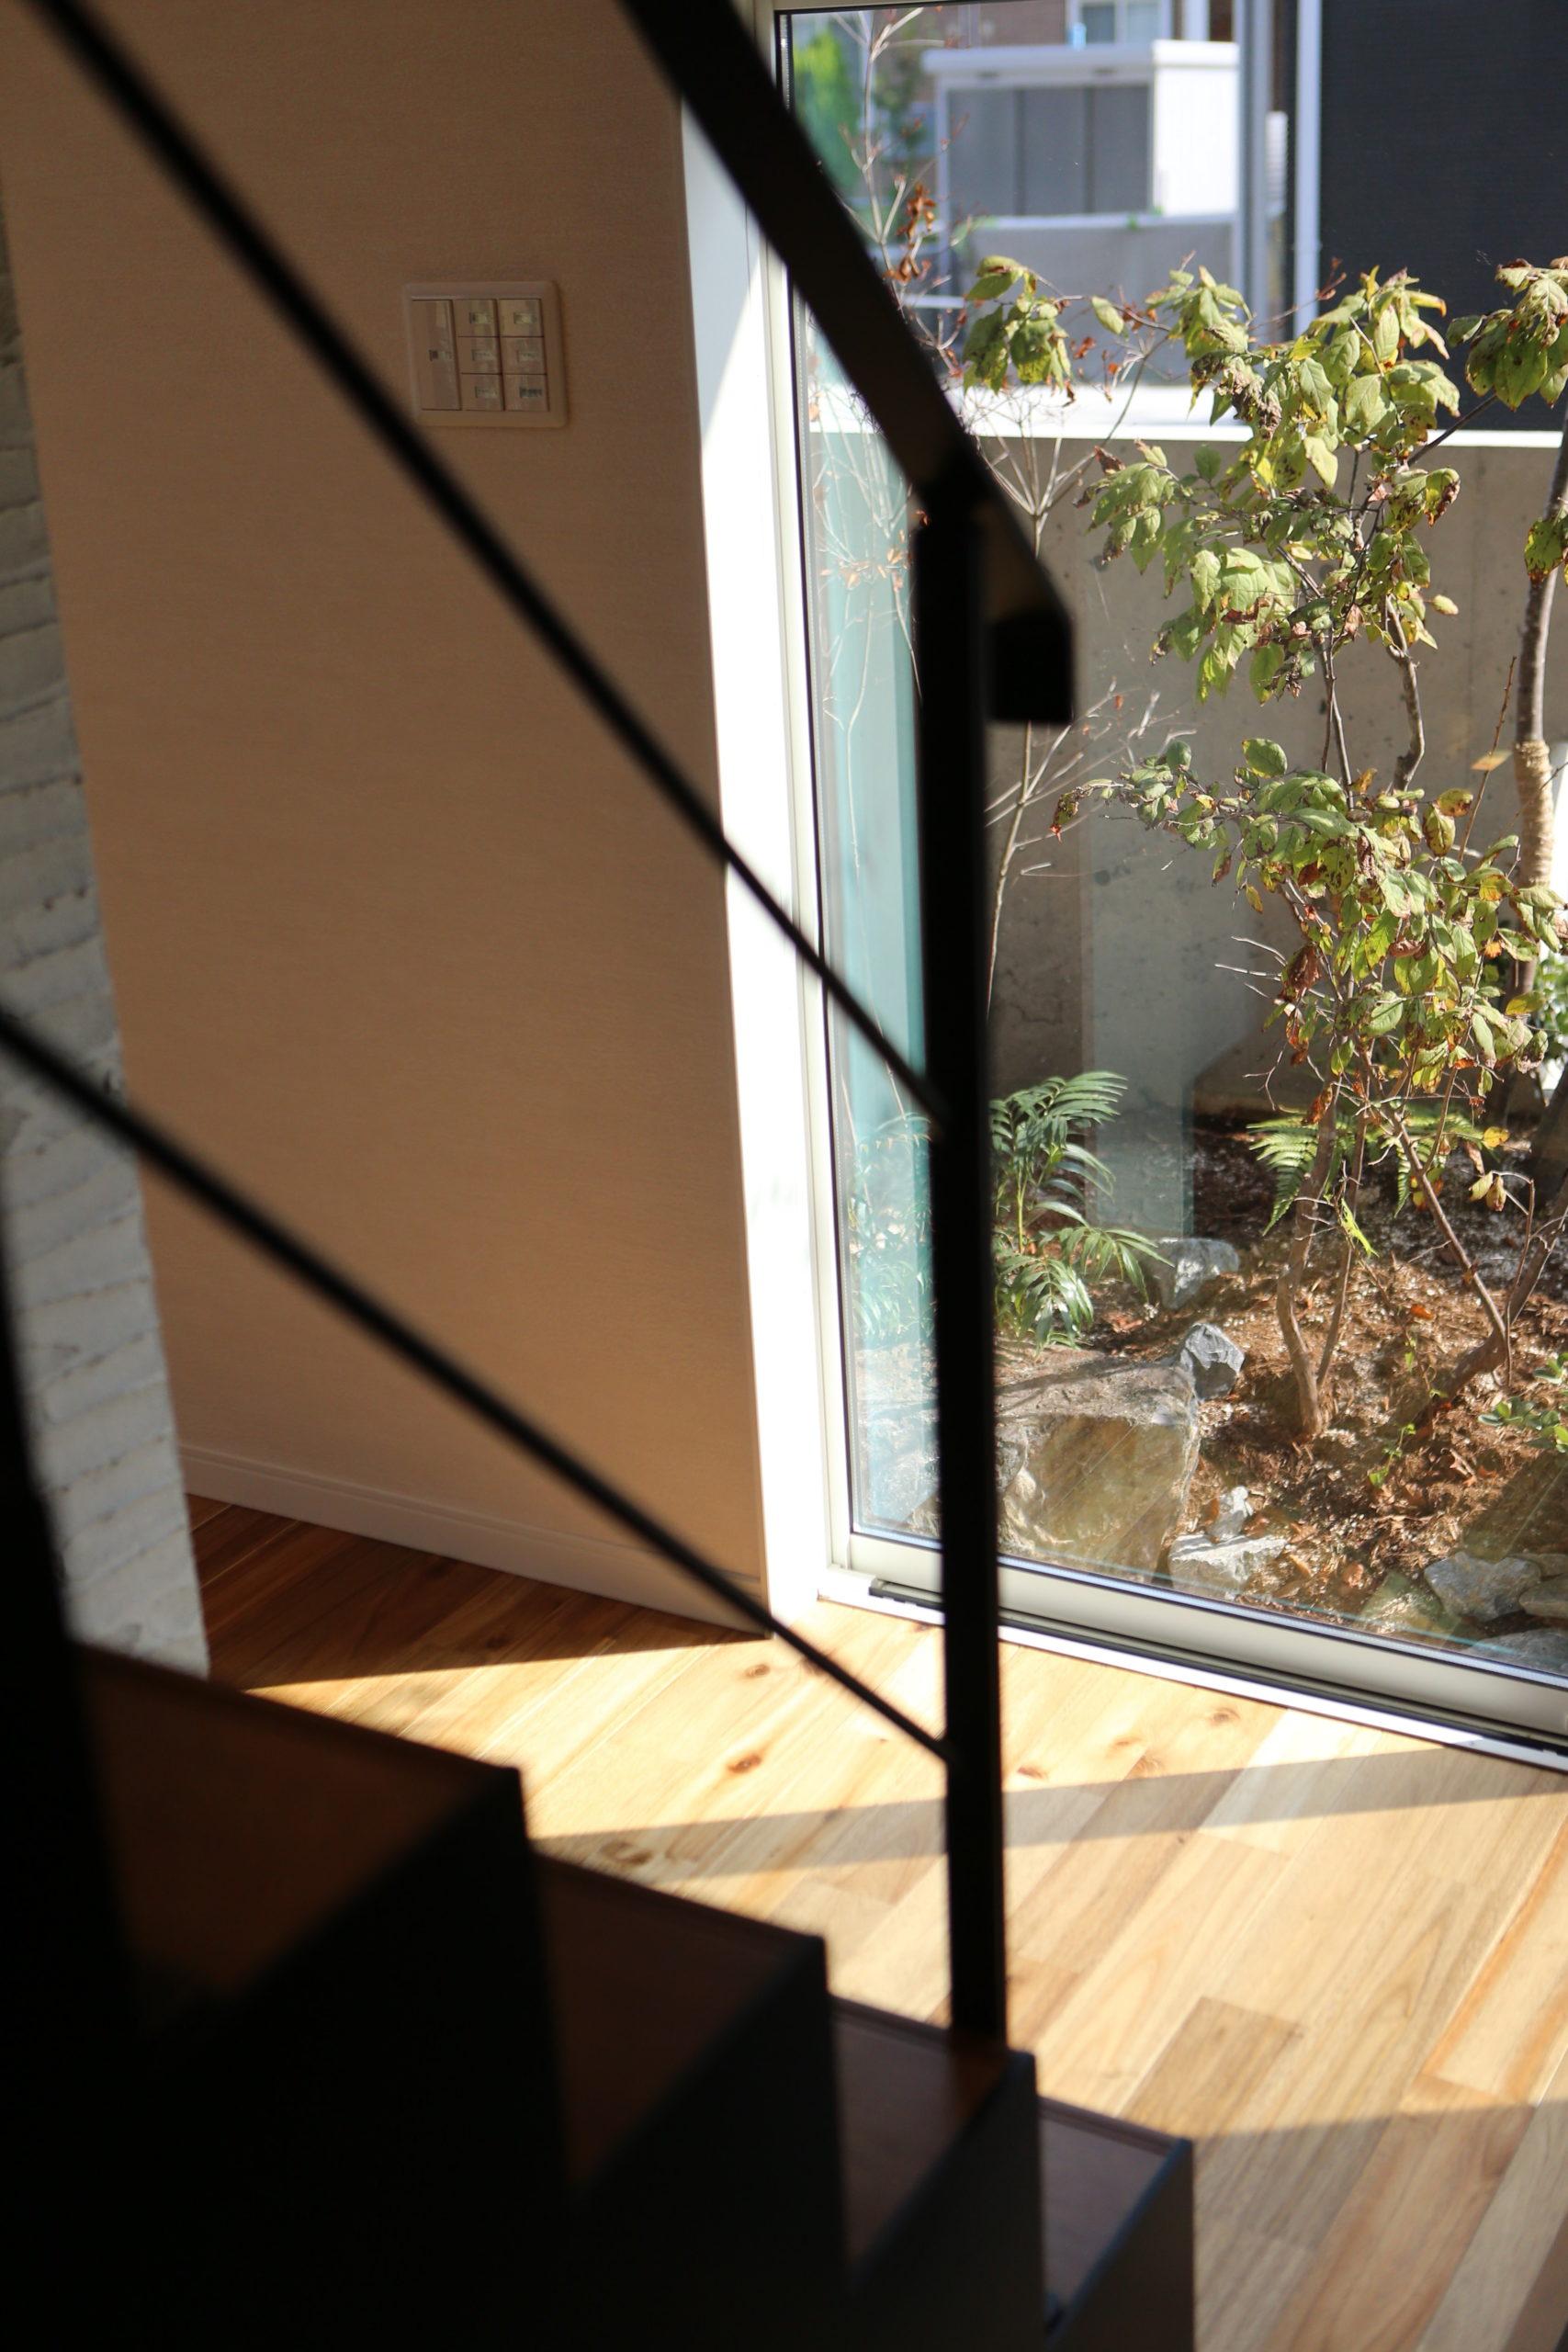 福山市の注文住宅|今井住建の施工事例ギャラリー「窓からのぞく緑にほっとと一息」